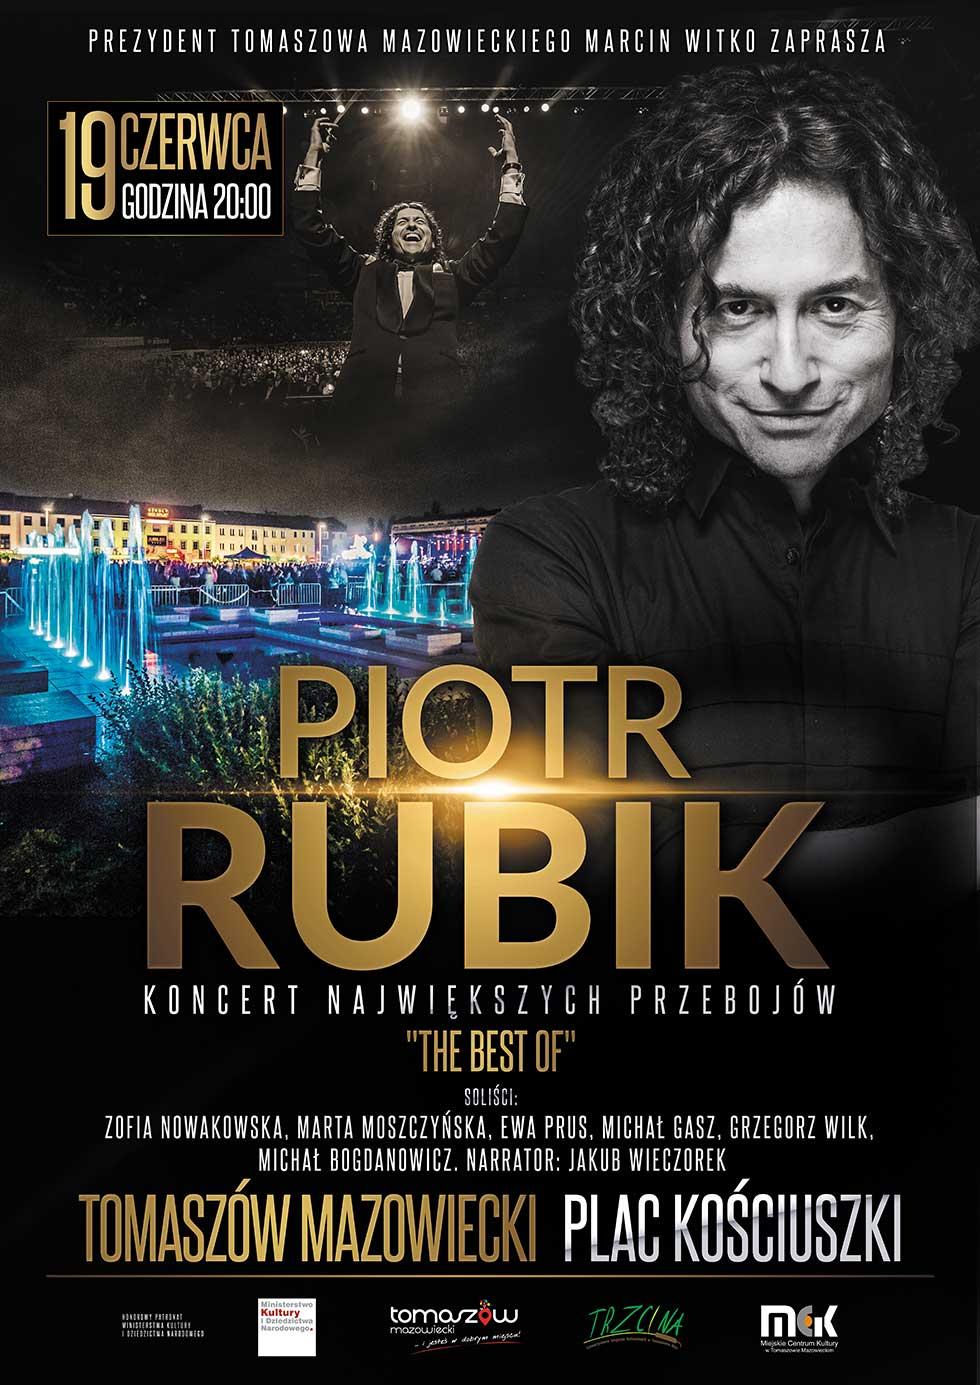 piotr_rubik_w_tomaszowie